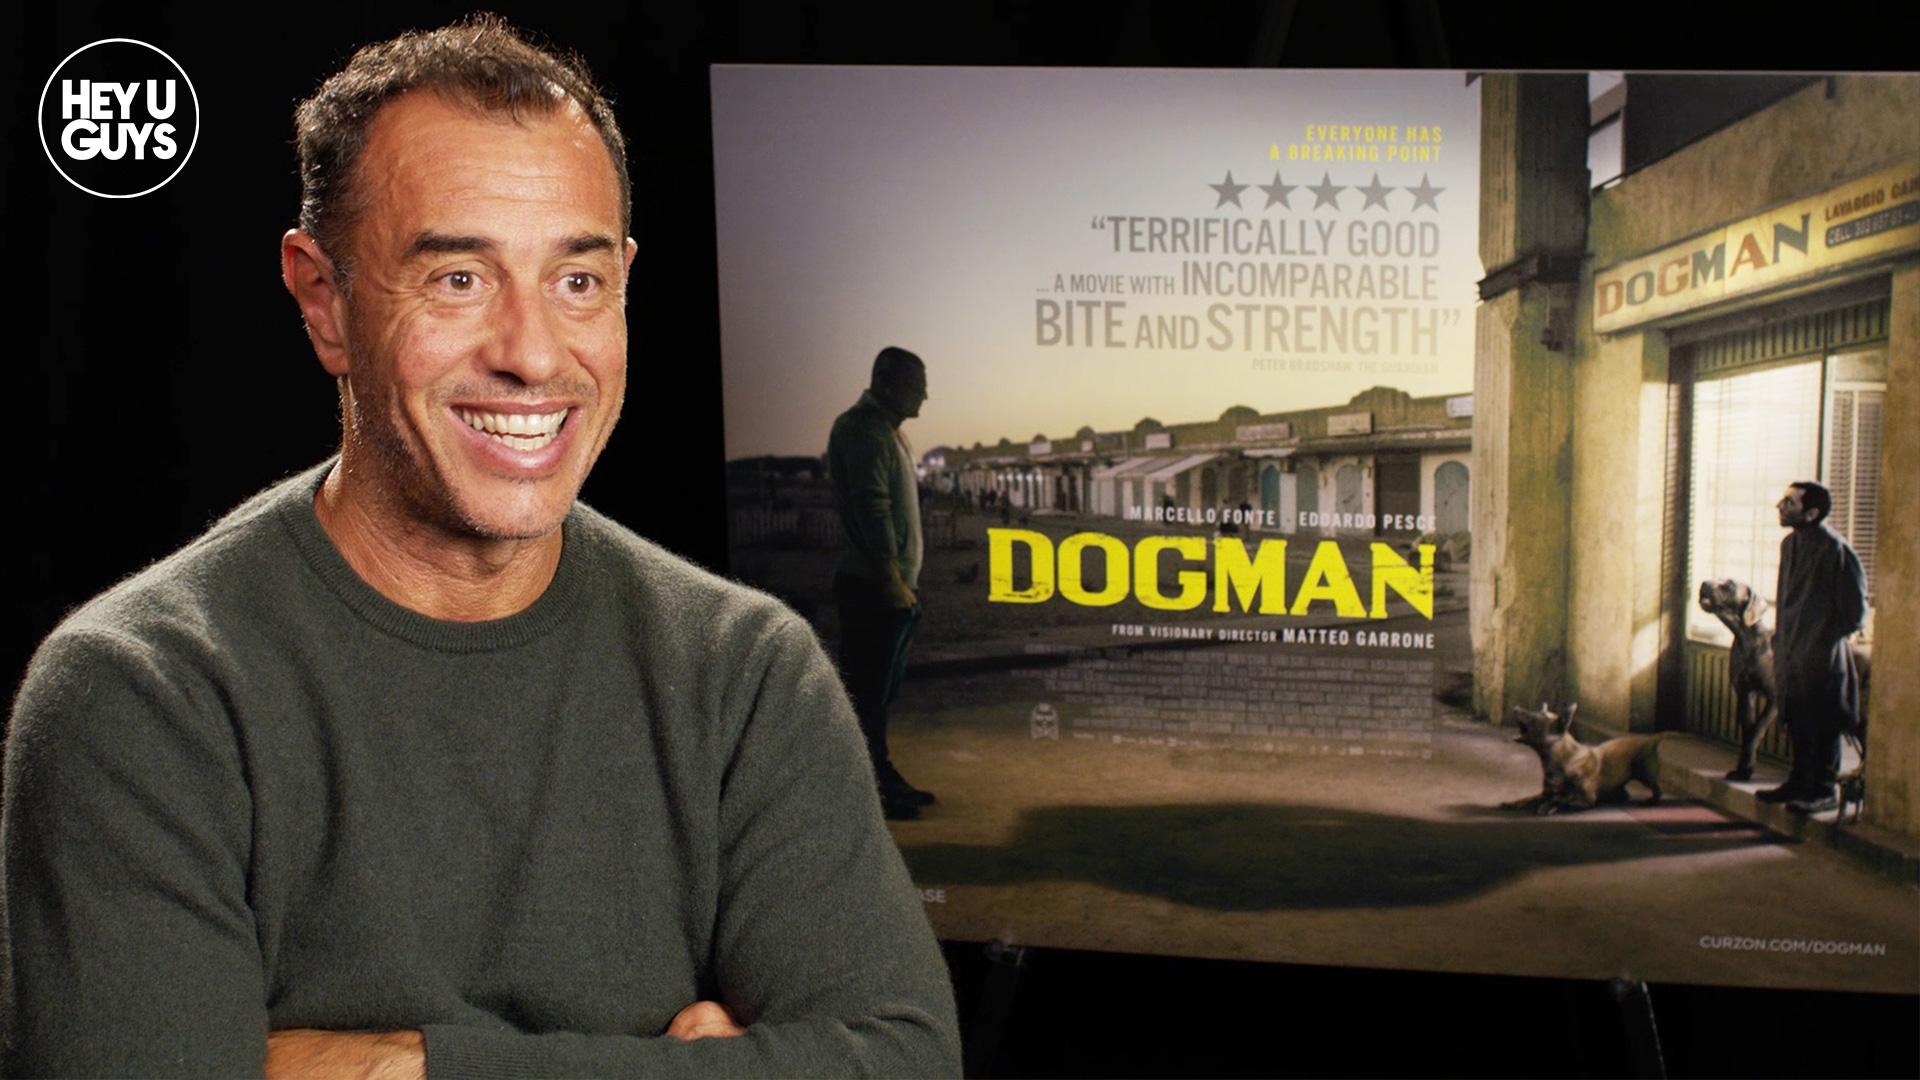 Matteo-Garrone-dogman